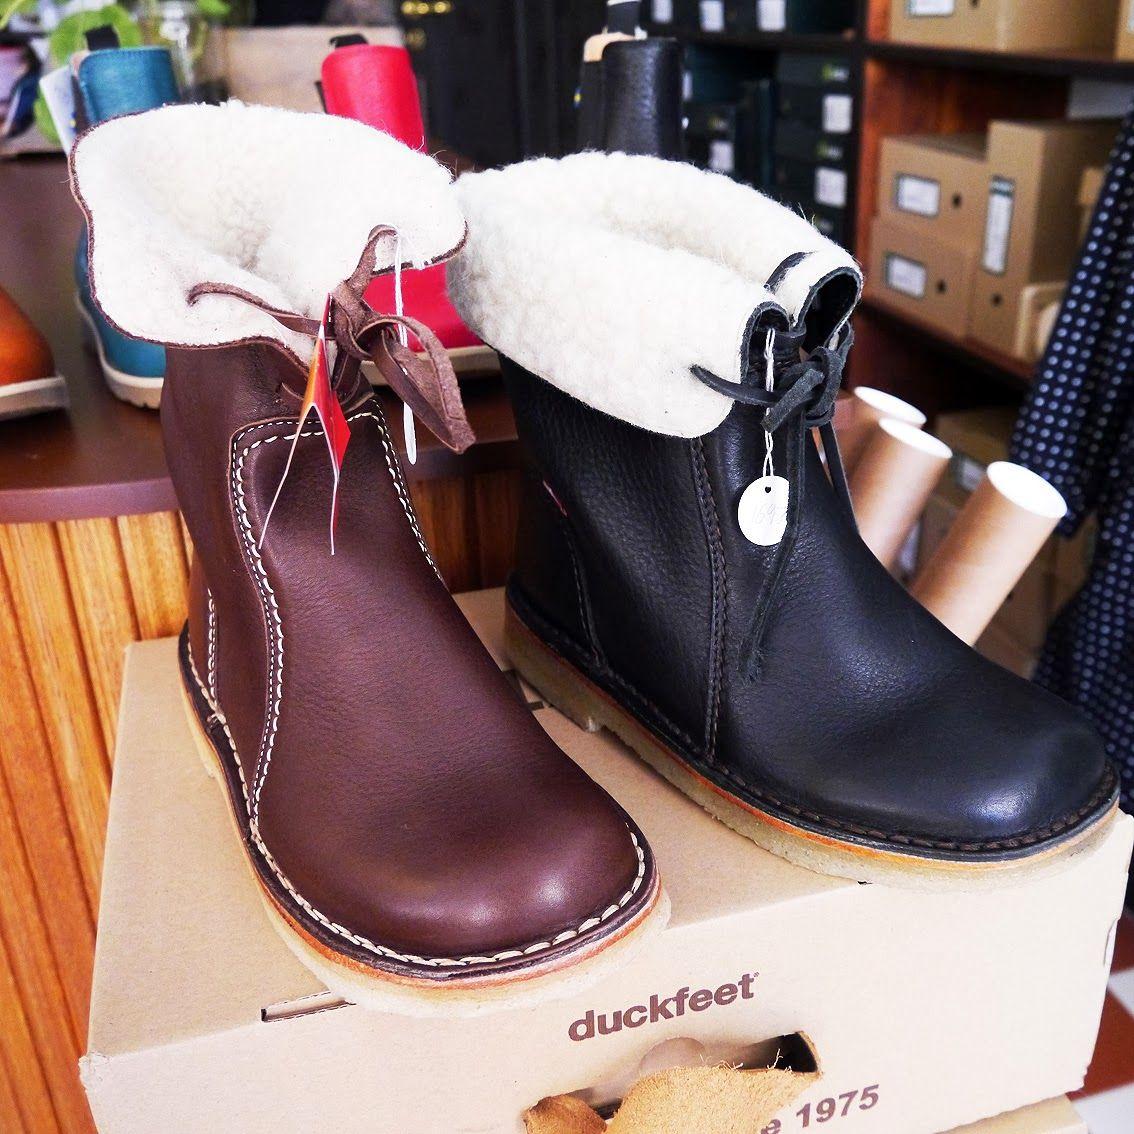 productsmärkenduckfeet | Shoes